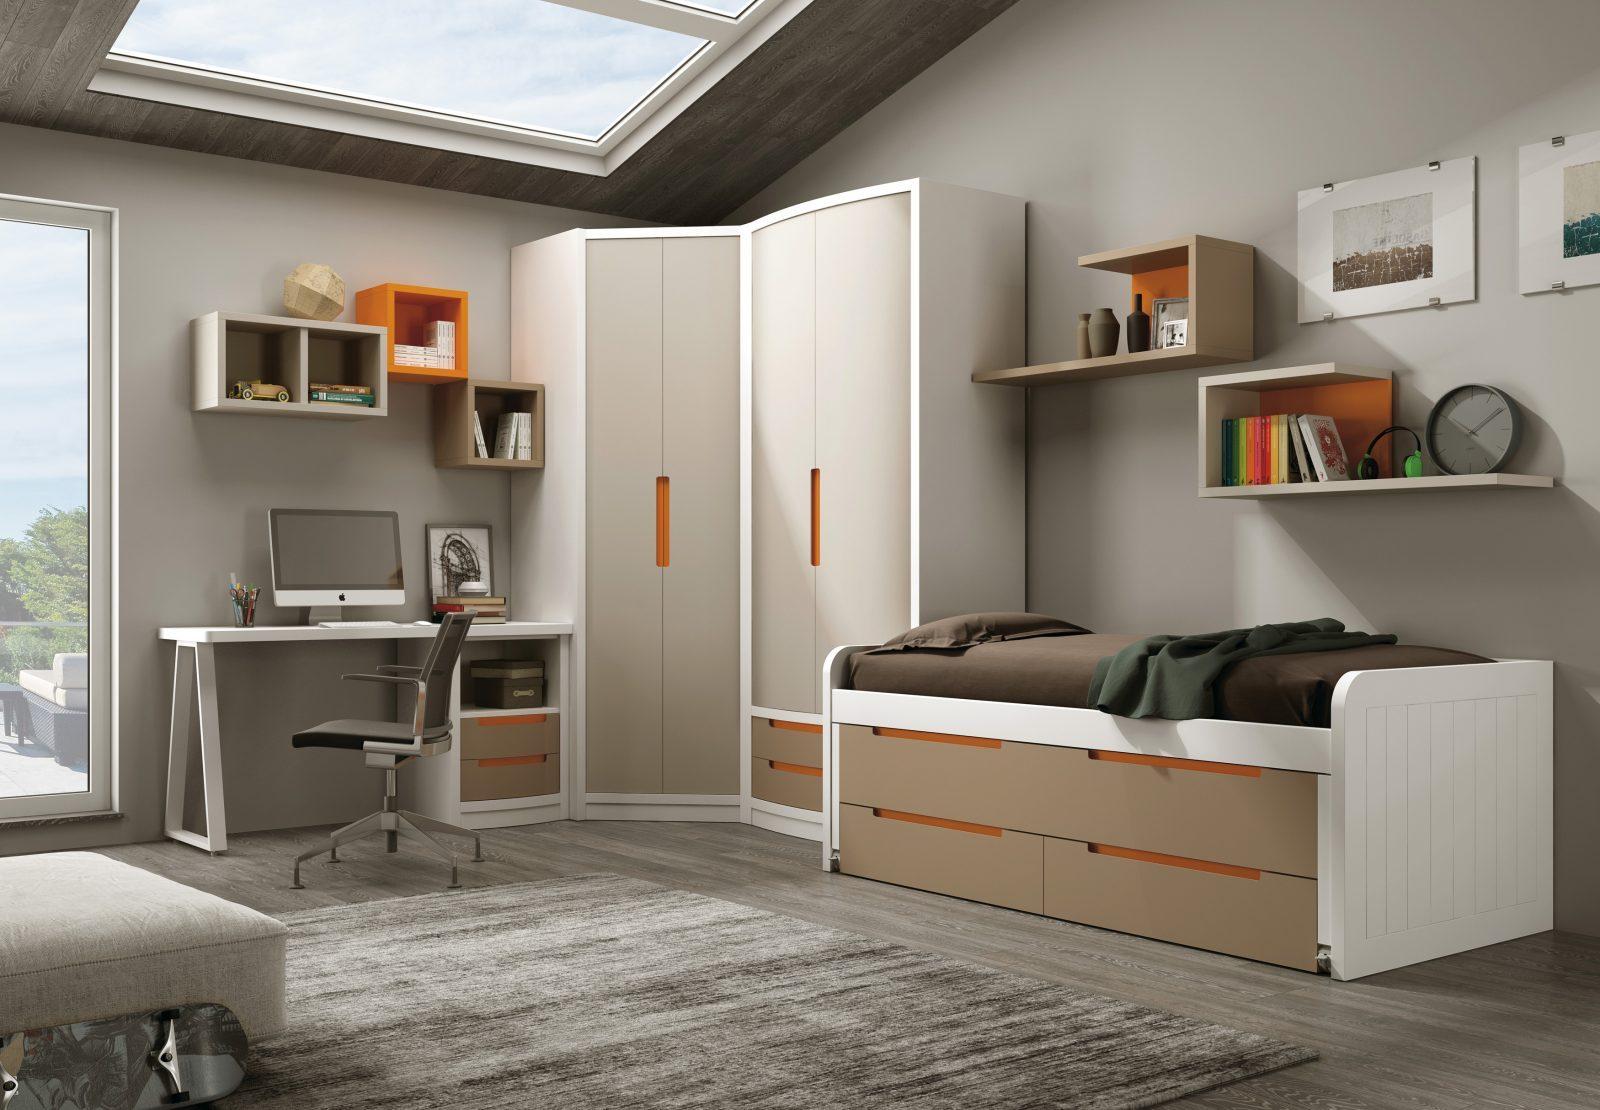 Dormitorio juvenil infantil sugar mobiliario hd for Mobiliario dormitorio juvenil